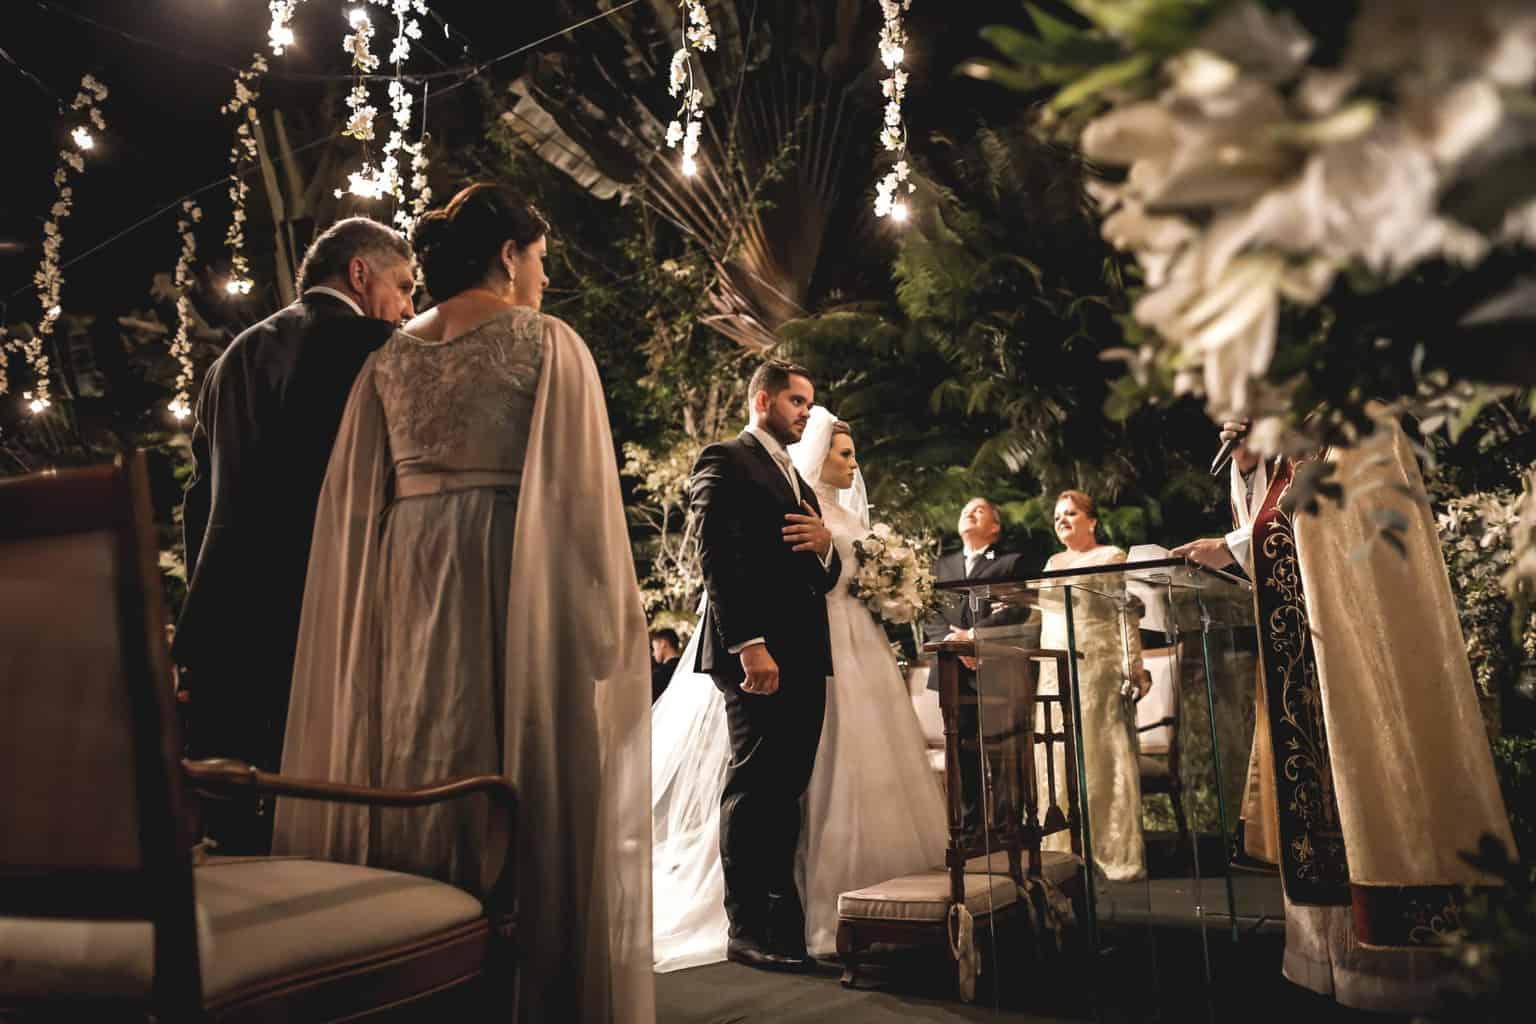 casamento-Juliana-e-Eduardo-cerimonia-Fotografia-Ricardo-Nascimento-e-Thereza-magno-Usina-dois-irmãos54